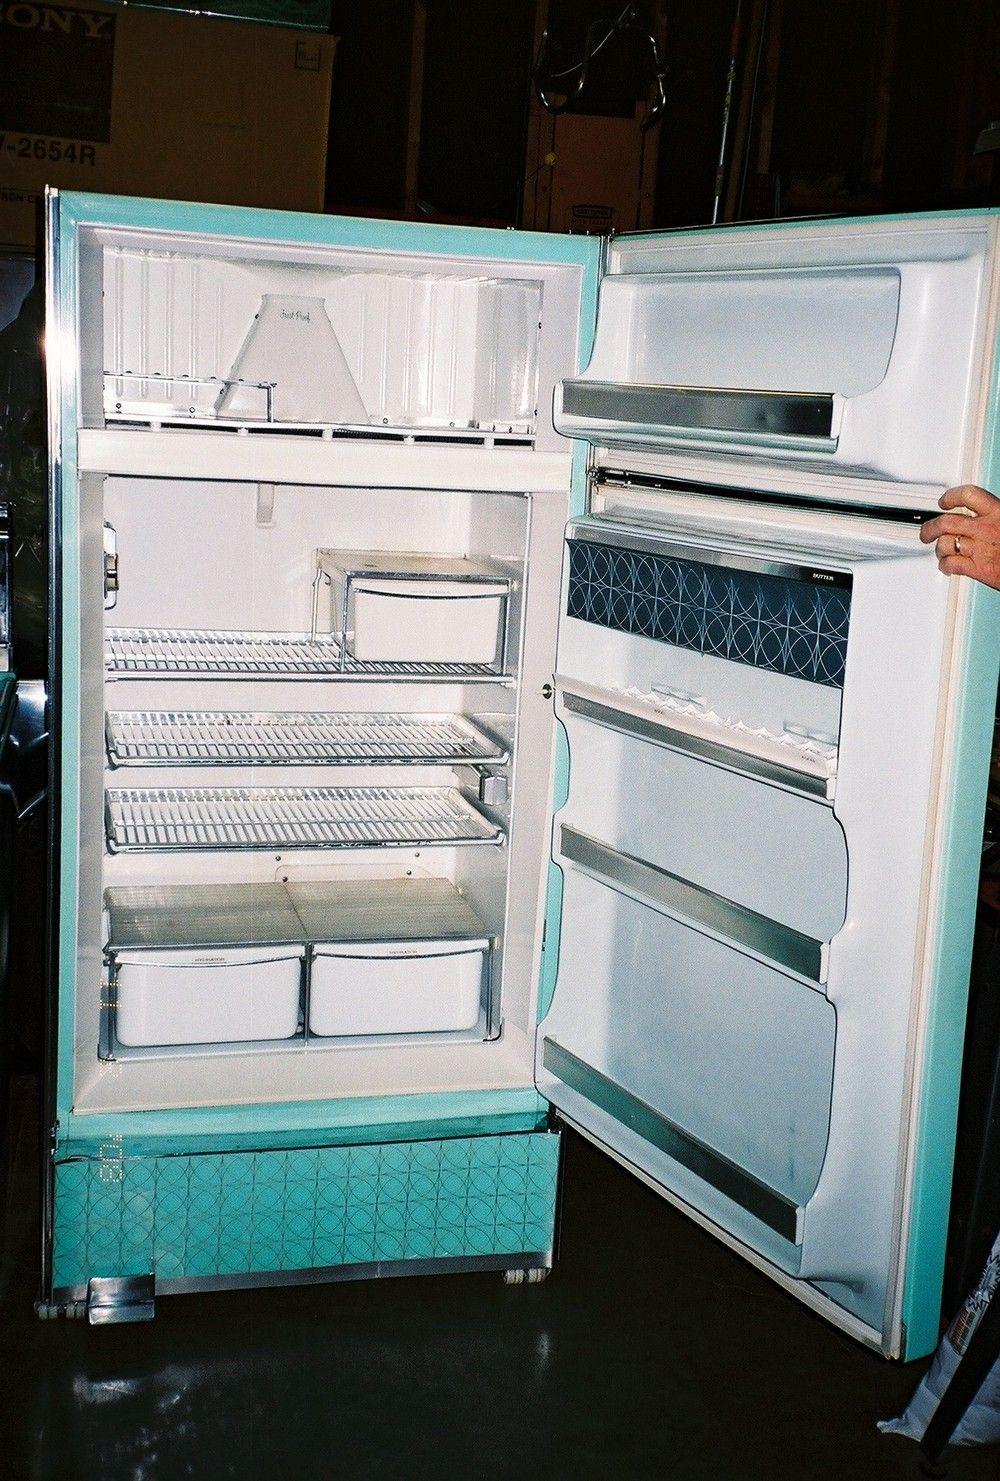 1960 Frigidaire Refrigerator Kitchen Makeover Ideas Frigidaire Refrigerator Refrigerator